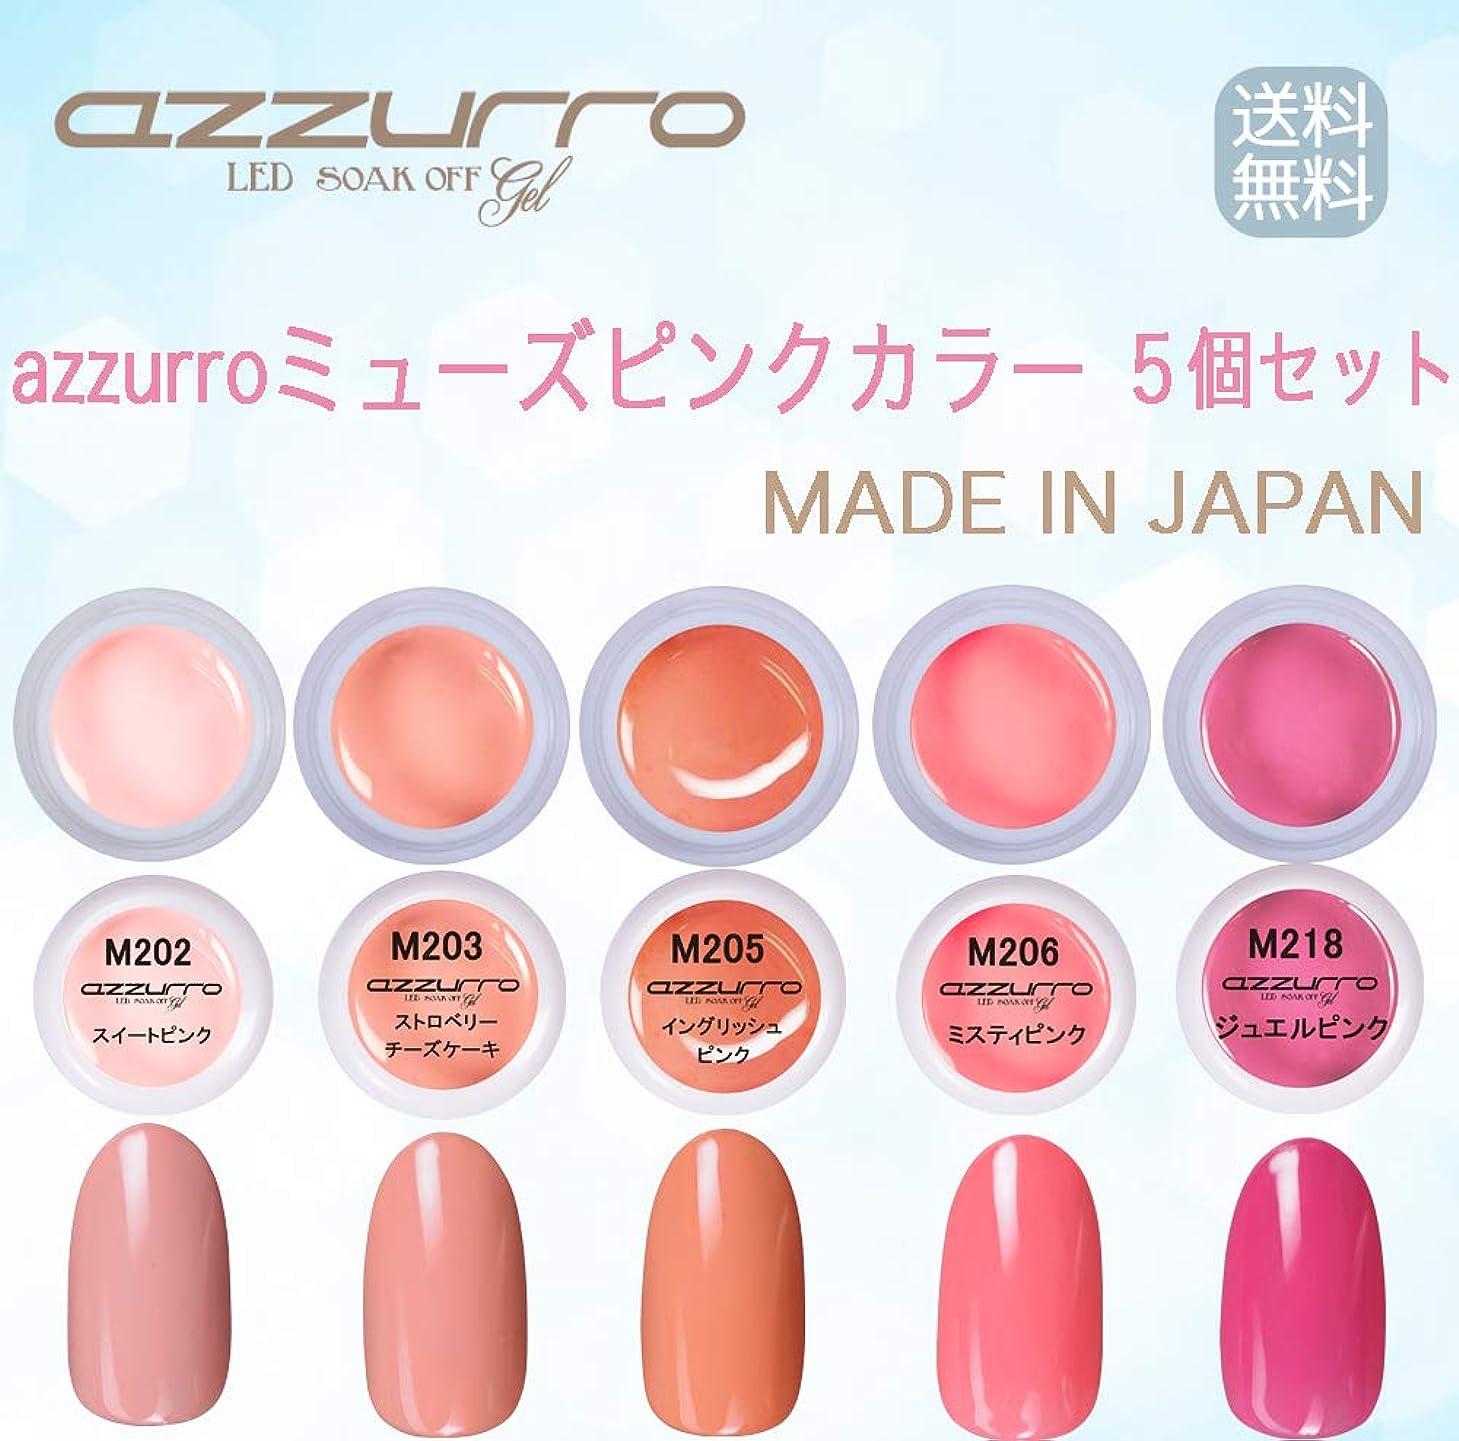 従順な虫を数える【送料無料】日本製 azzurro gel ミューズピンクカラージェル5個セット 春色にもかかせないマットコートとスモーキーパステルカラー